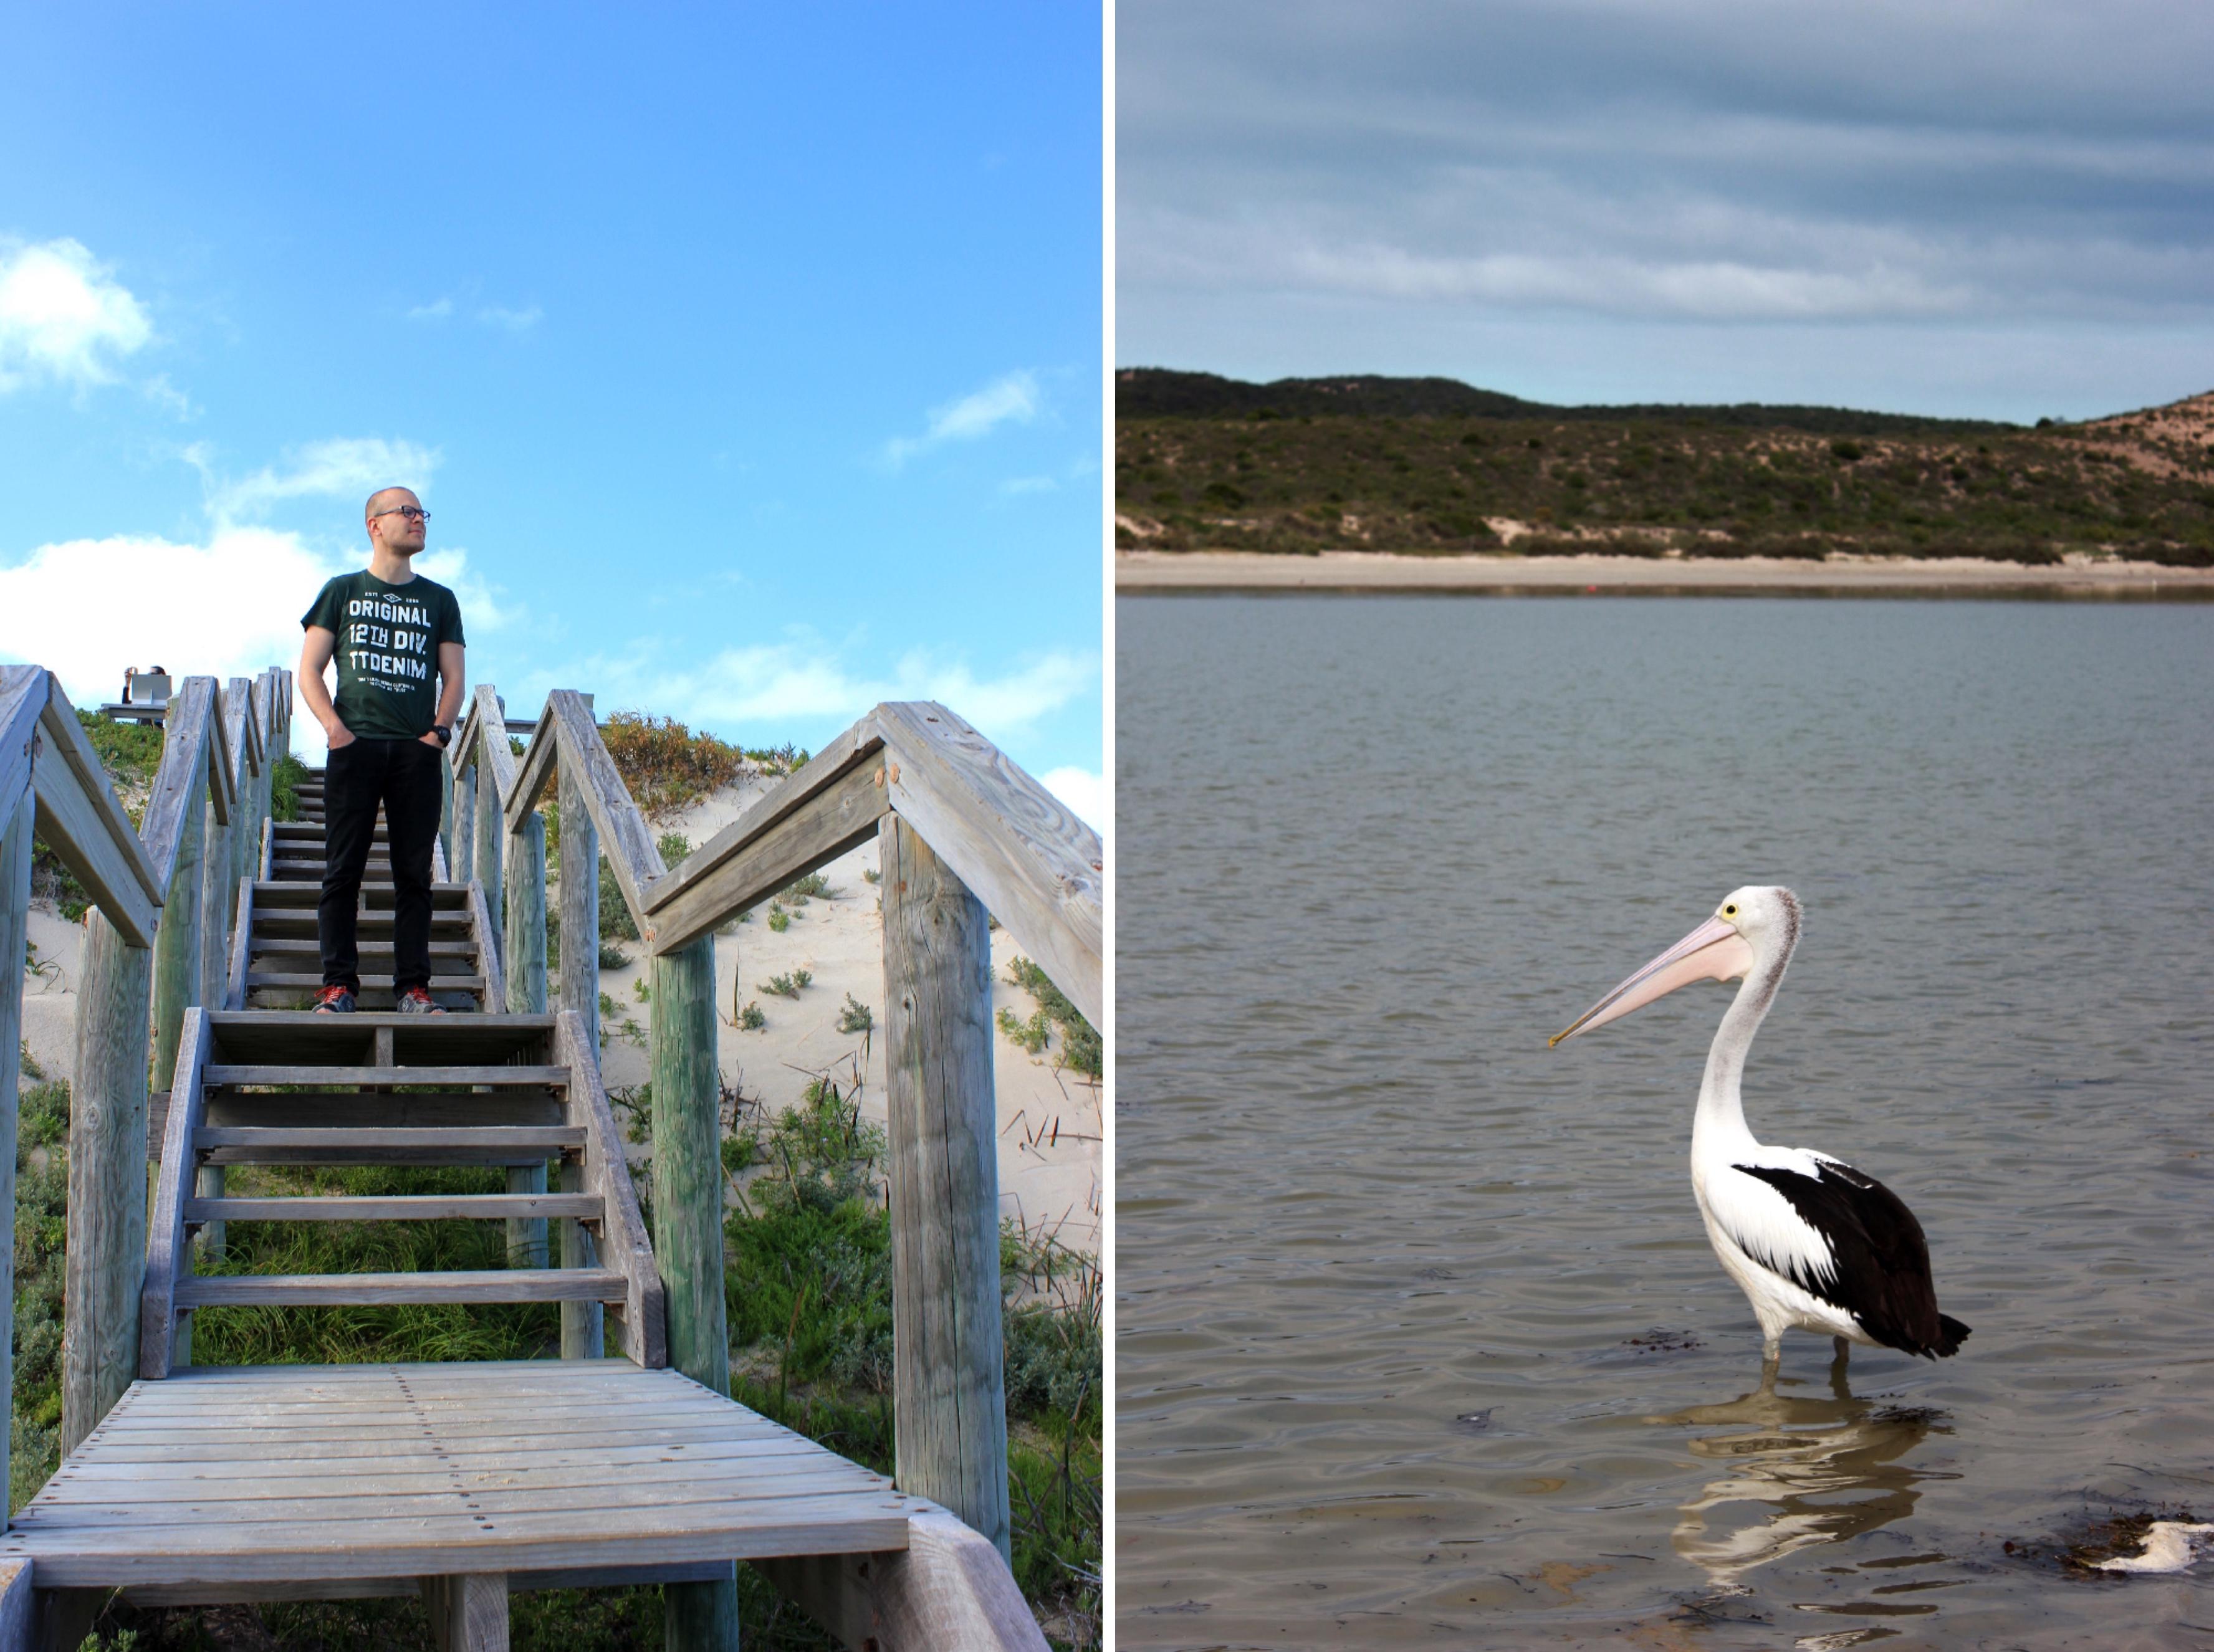 Voyages-et-compagnie.com - Blog voyage | Côte Ouest Australie - Cape Burney